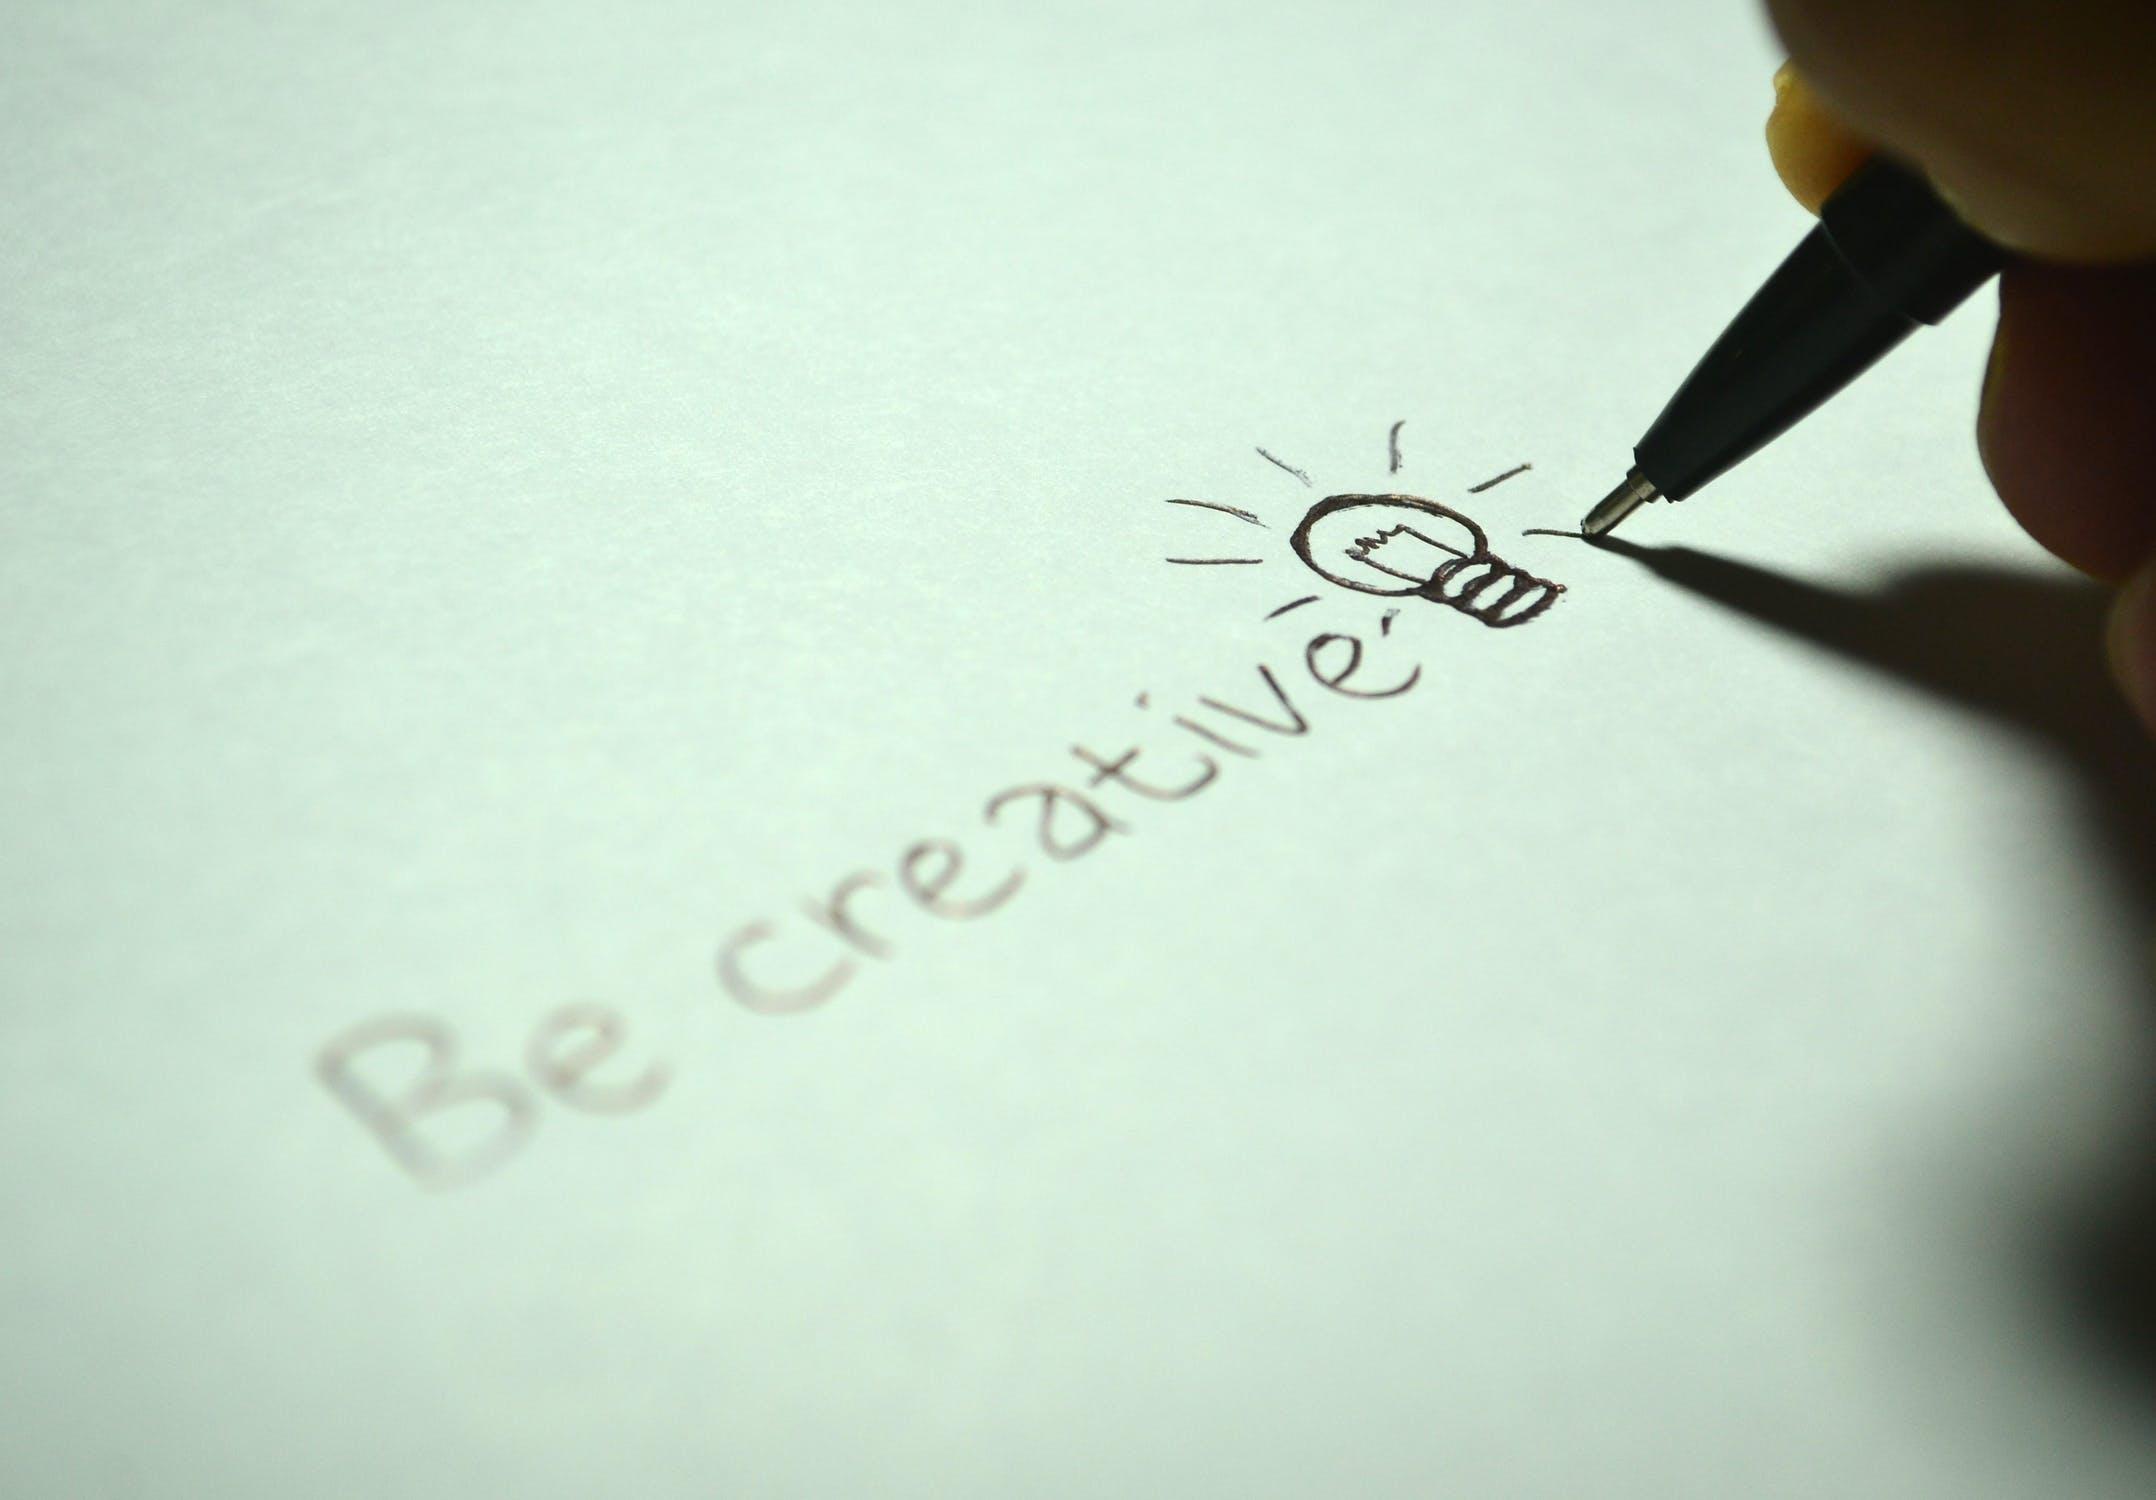 consejos para acciones de email marketing: Escribe con frescura